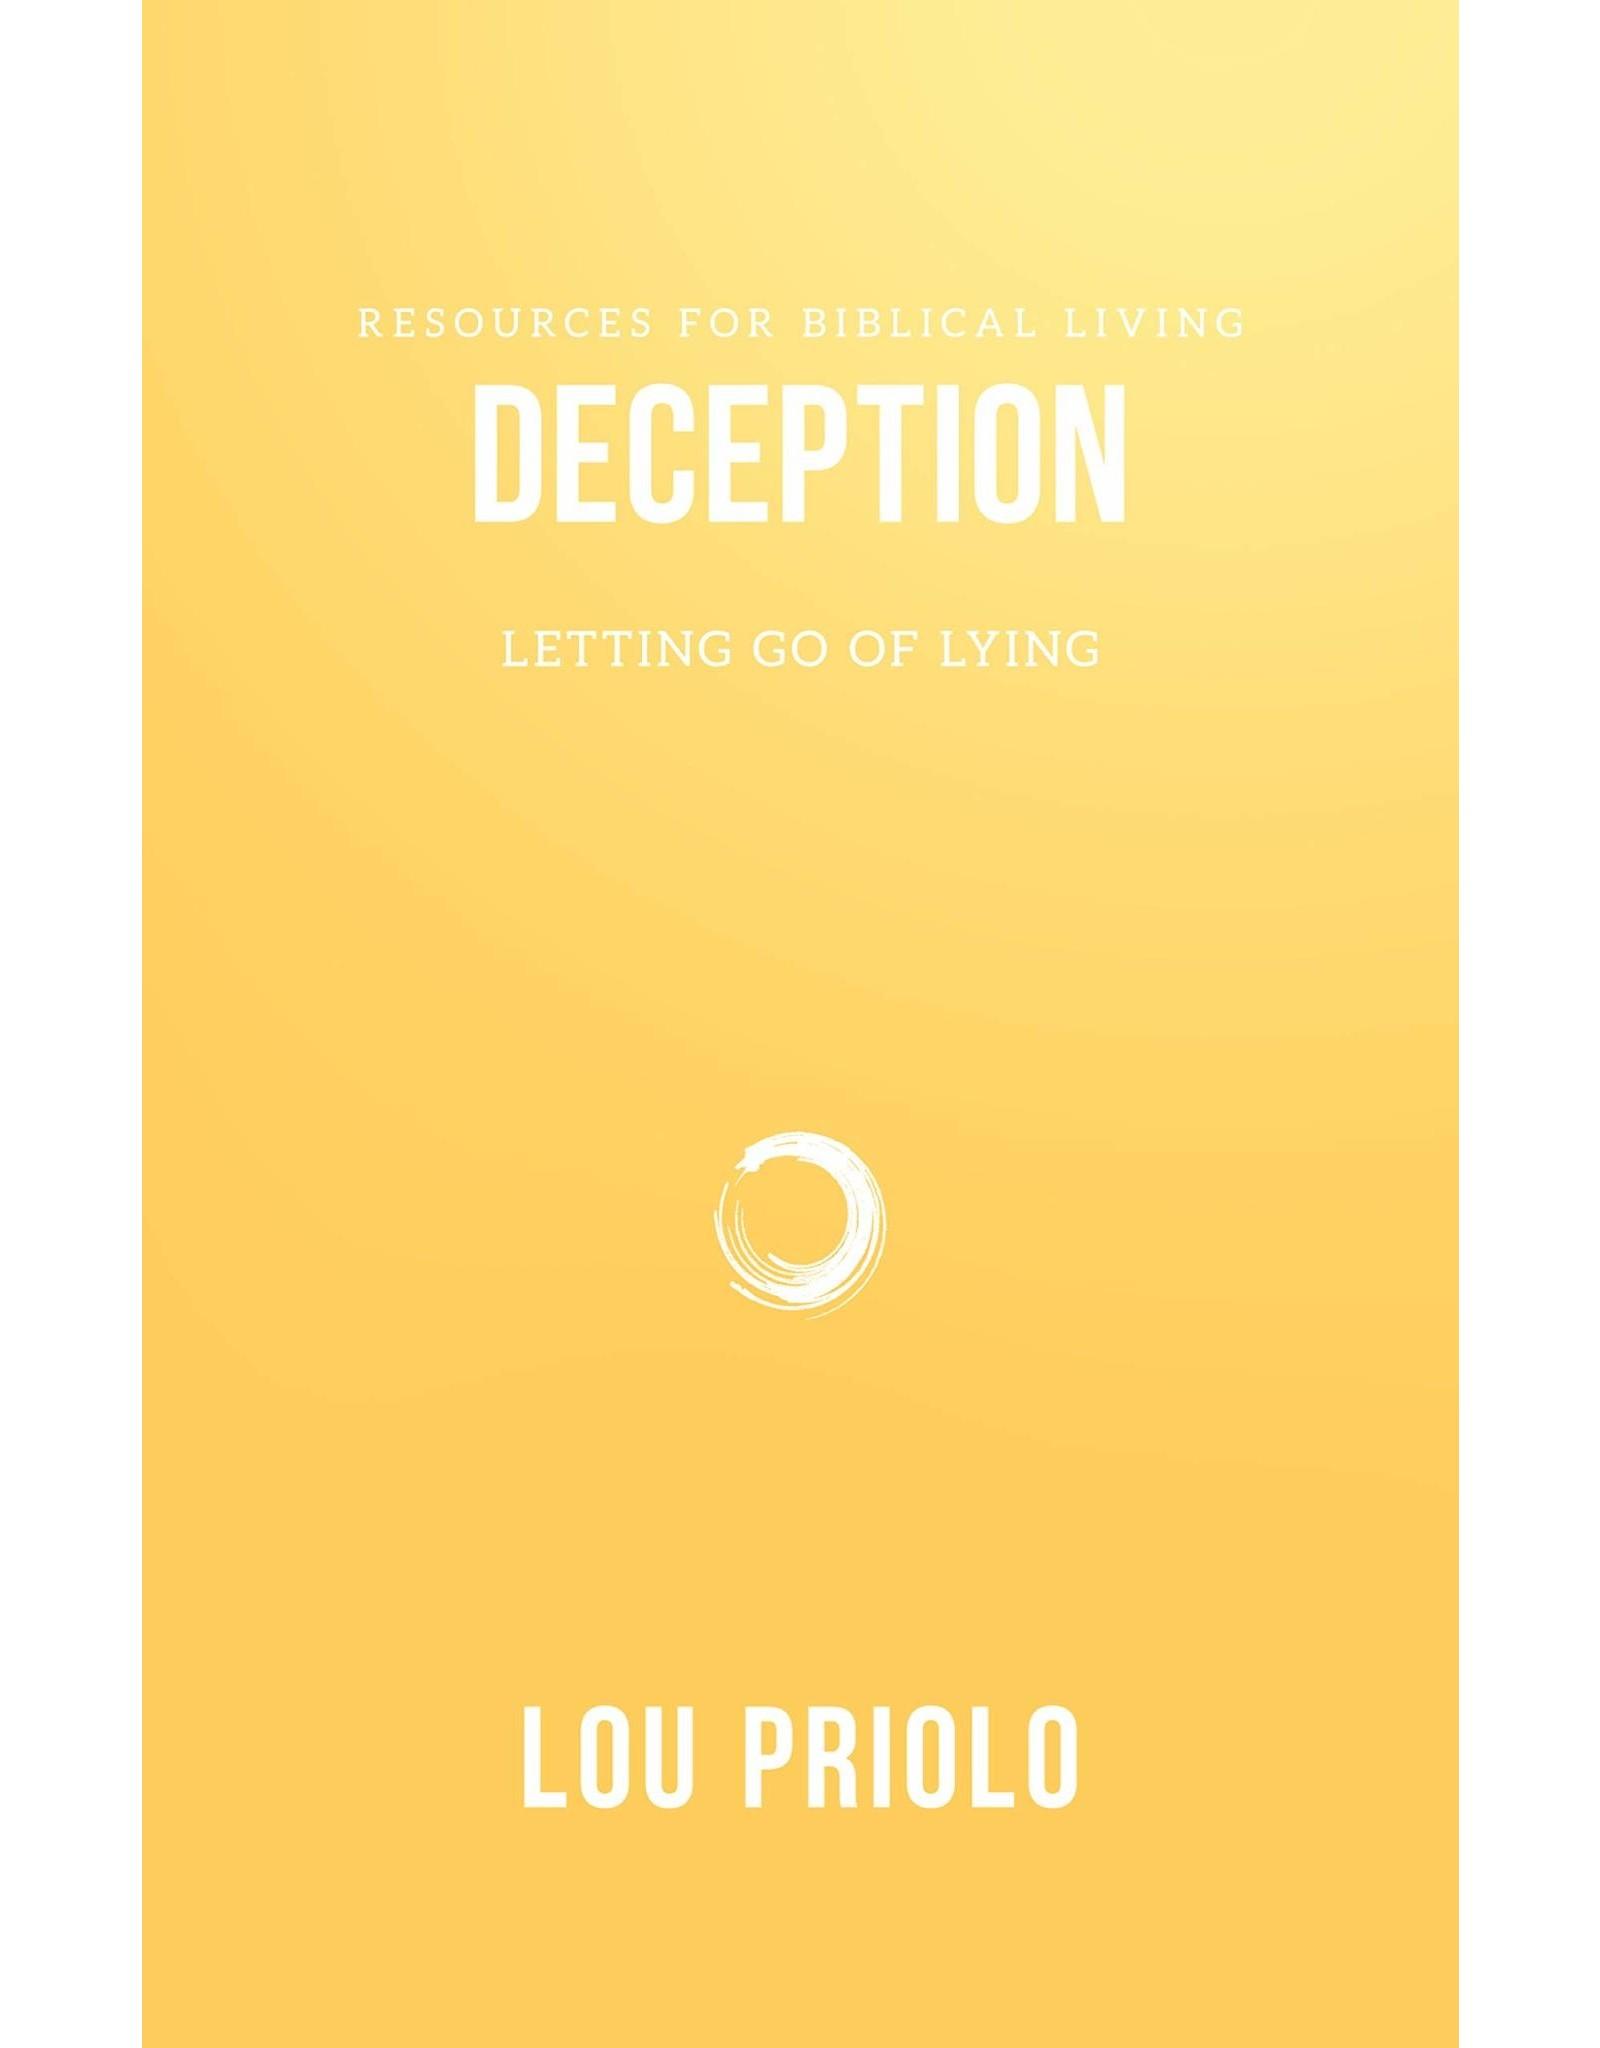 Priolo Deception